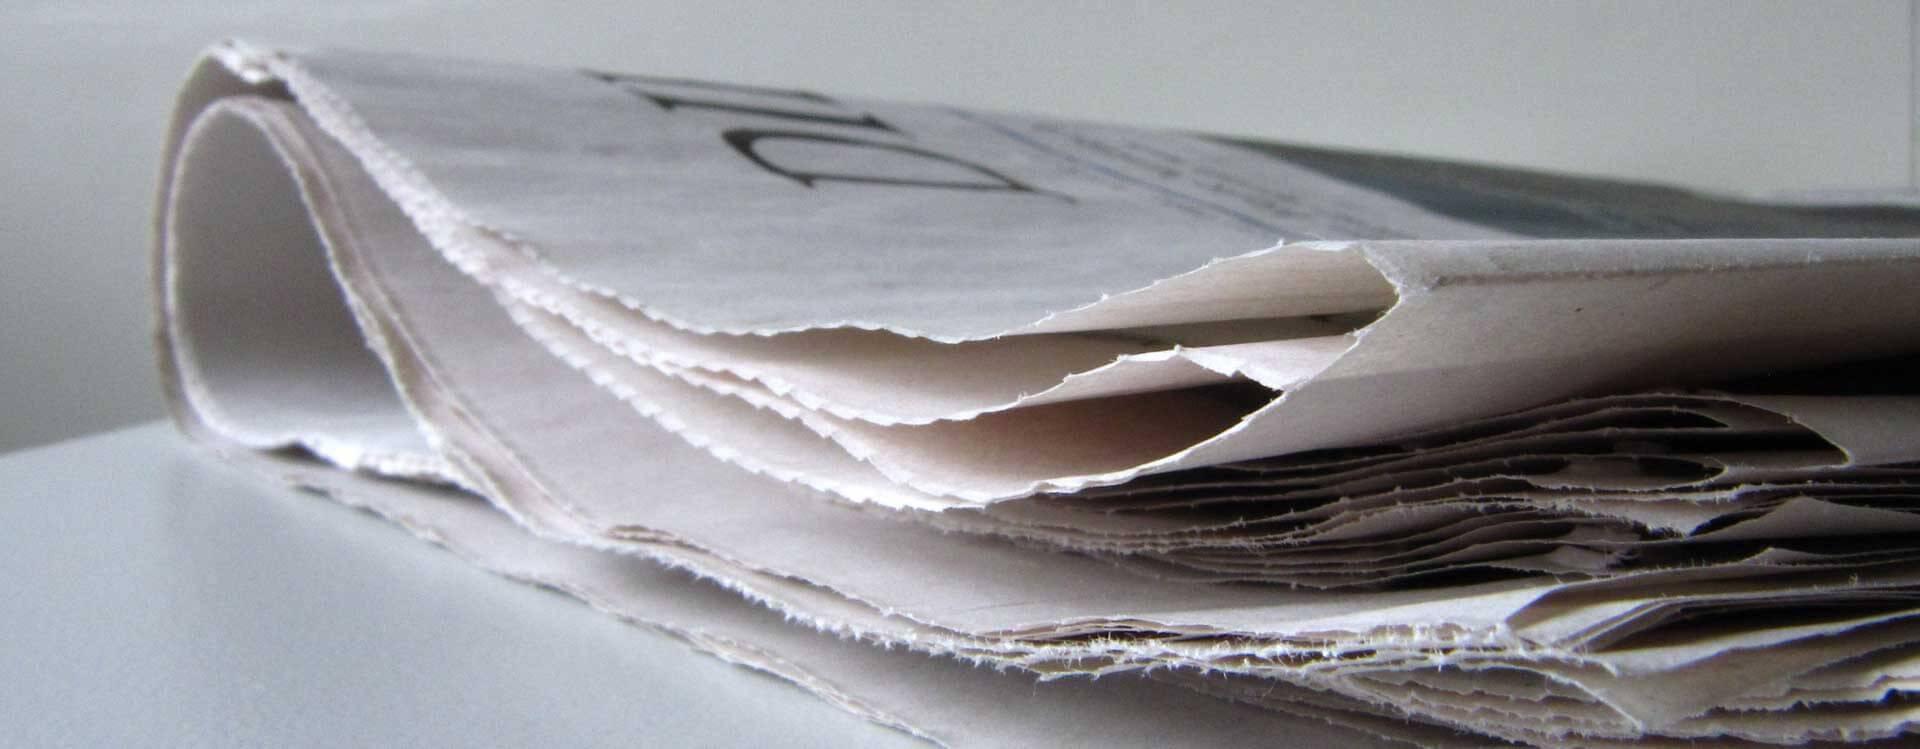 Medienstrafrecht | Strafverteidiger Mirko Laudon ist Experte auf dem Gebiet des Medienstrafrechts